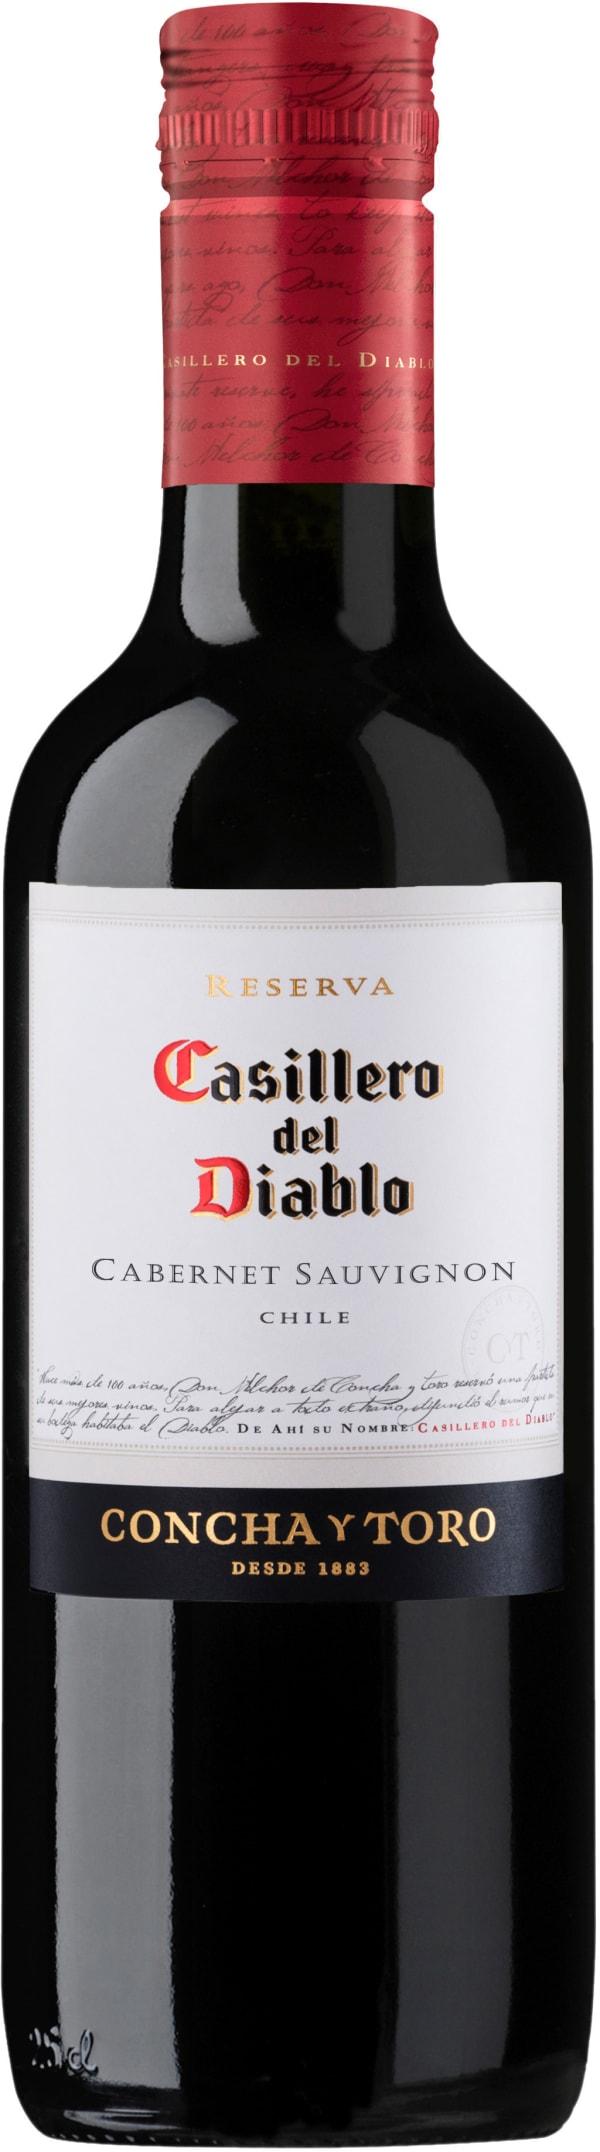 Casillero del Diablo Cabernet Sauvignon 2016